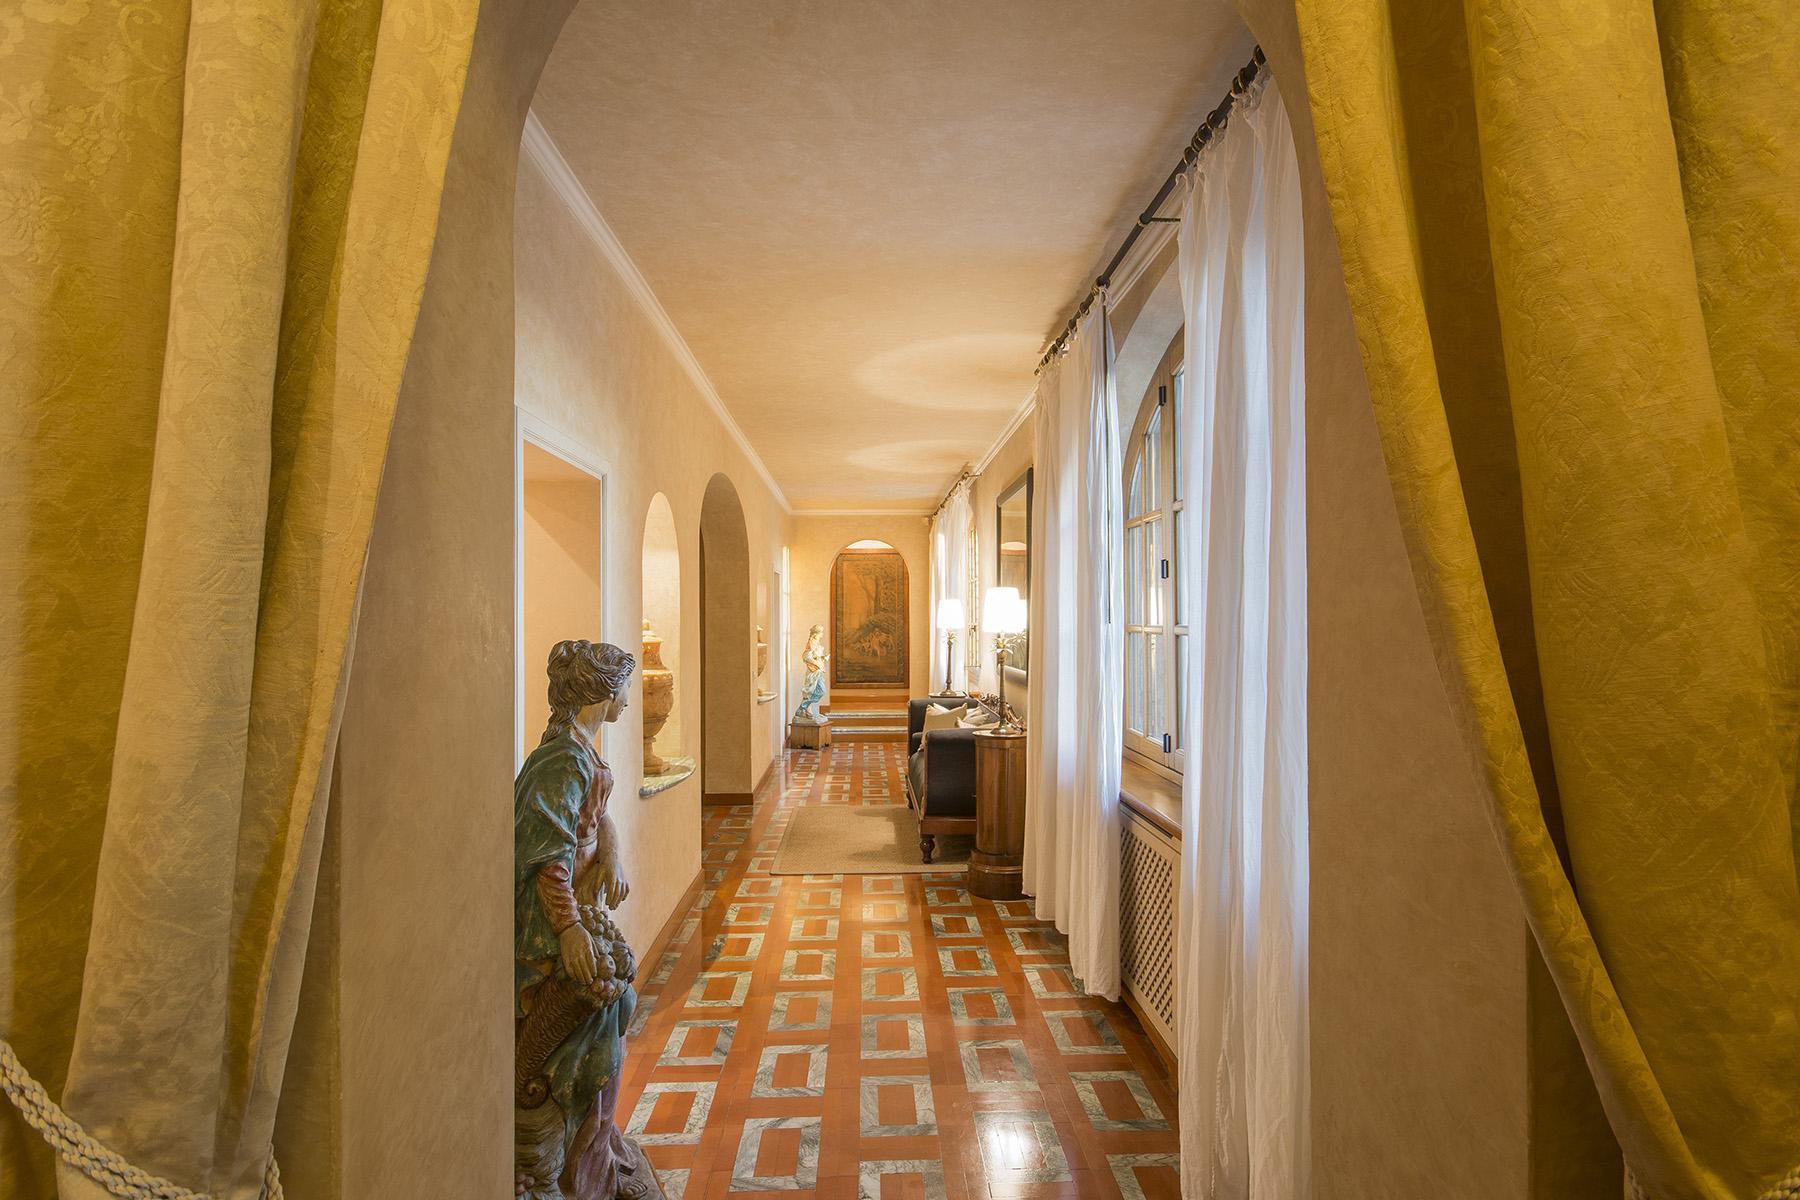 坐落在Marina di Pietrasanta的宏伟建筑 - 41